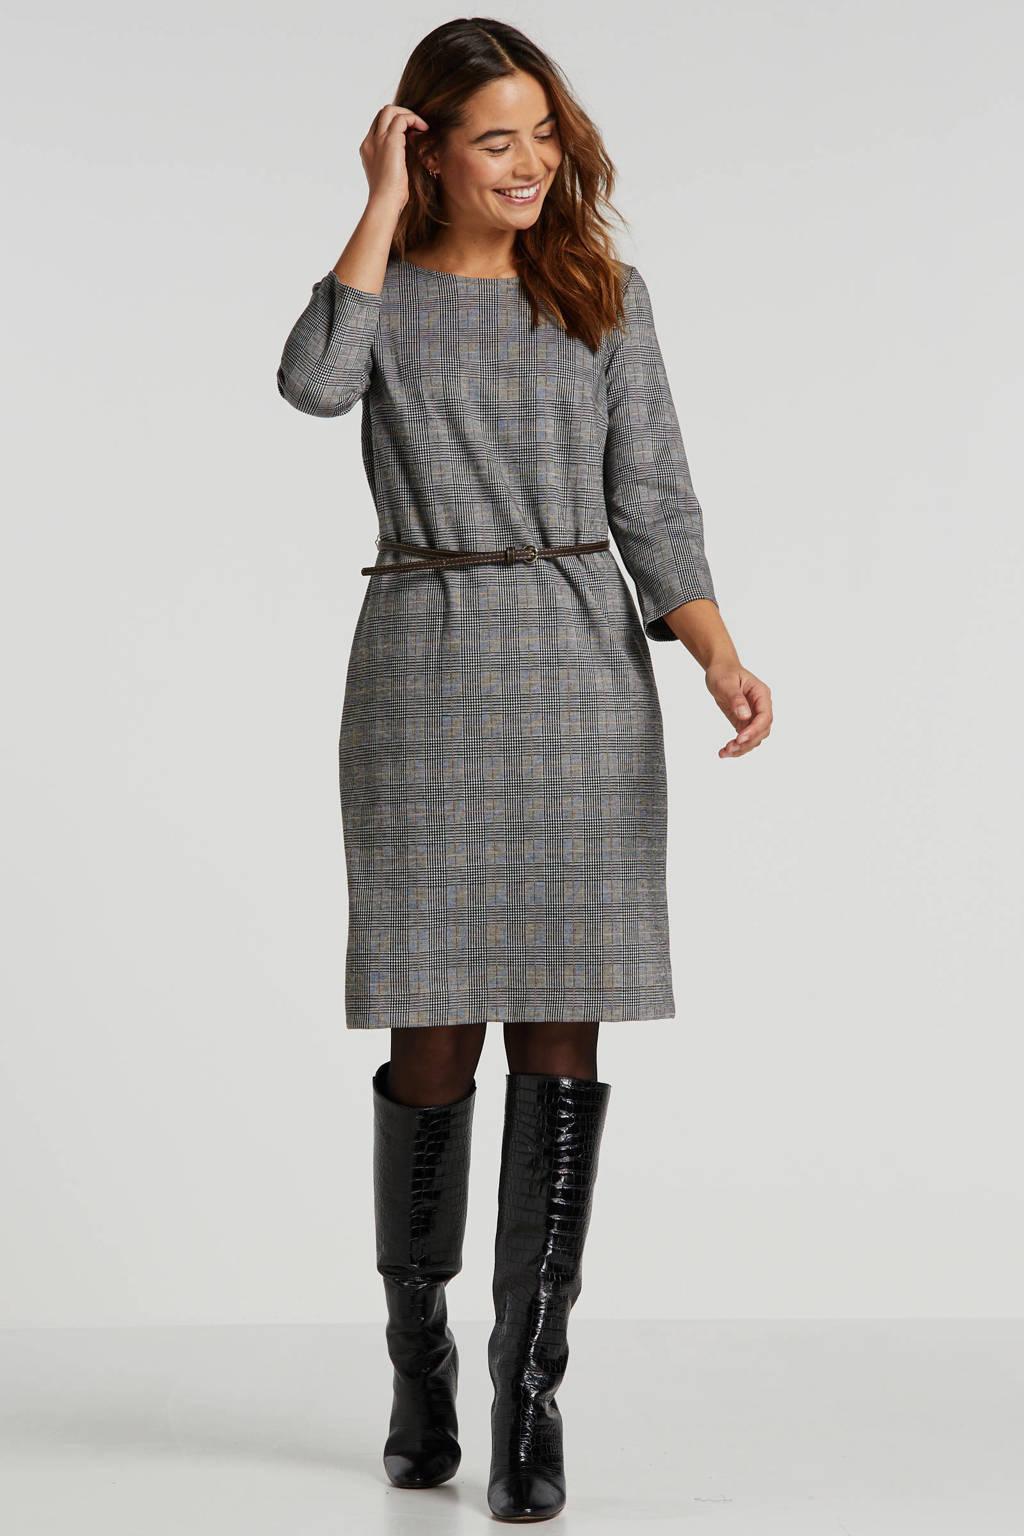 ESPRIT Women Collection geruite jurk bruin, Grijs/zwart/ecru